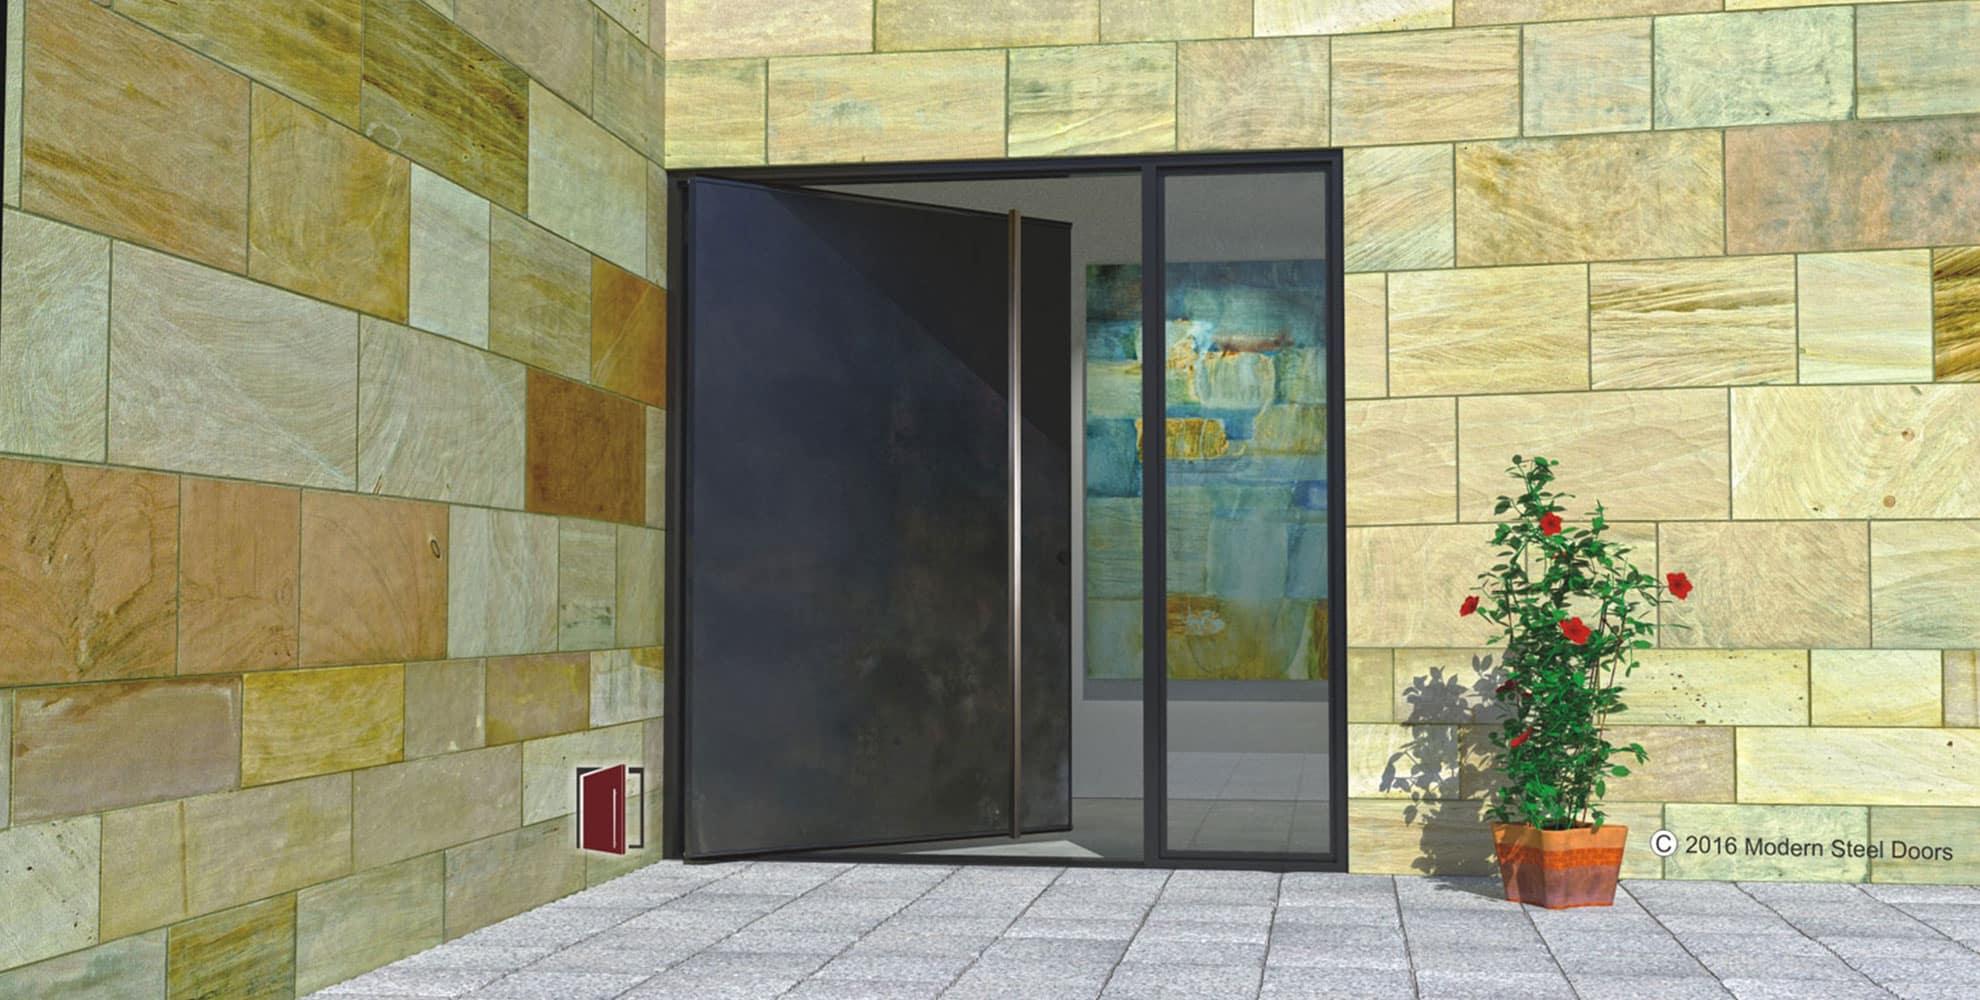 ^ Modern Steel Doors